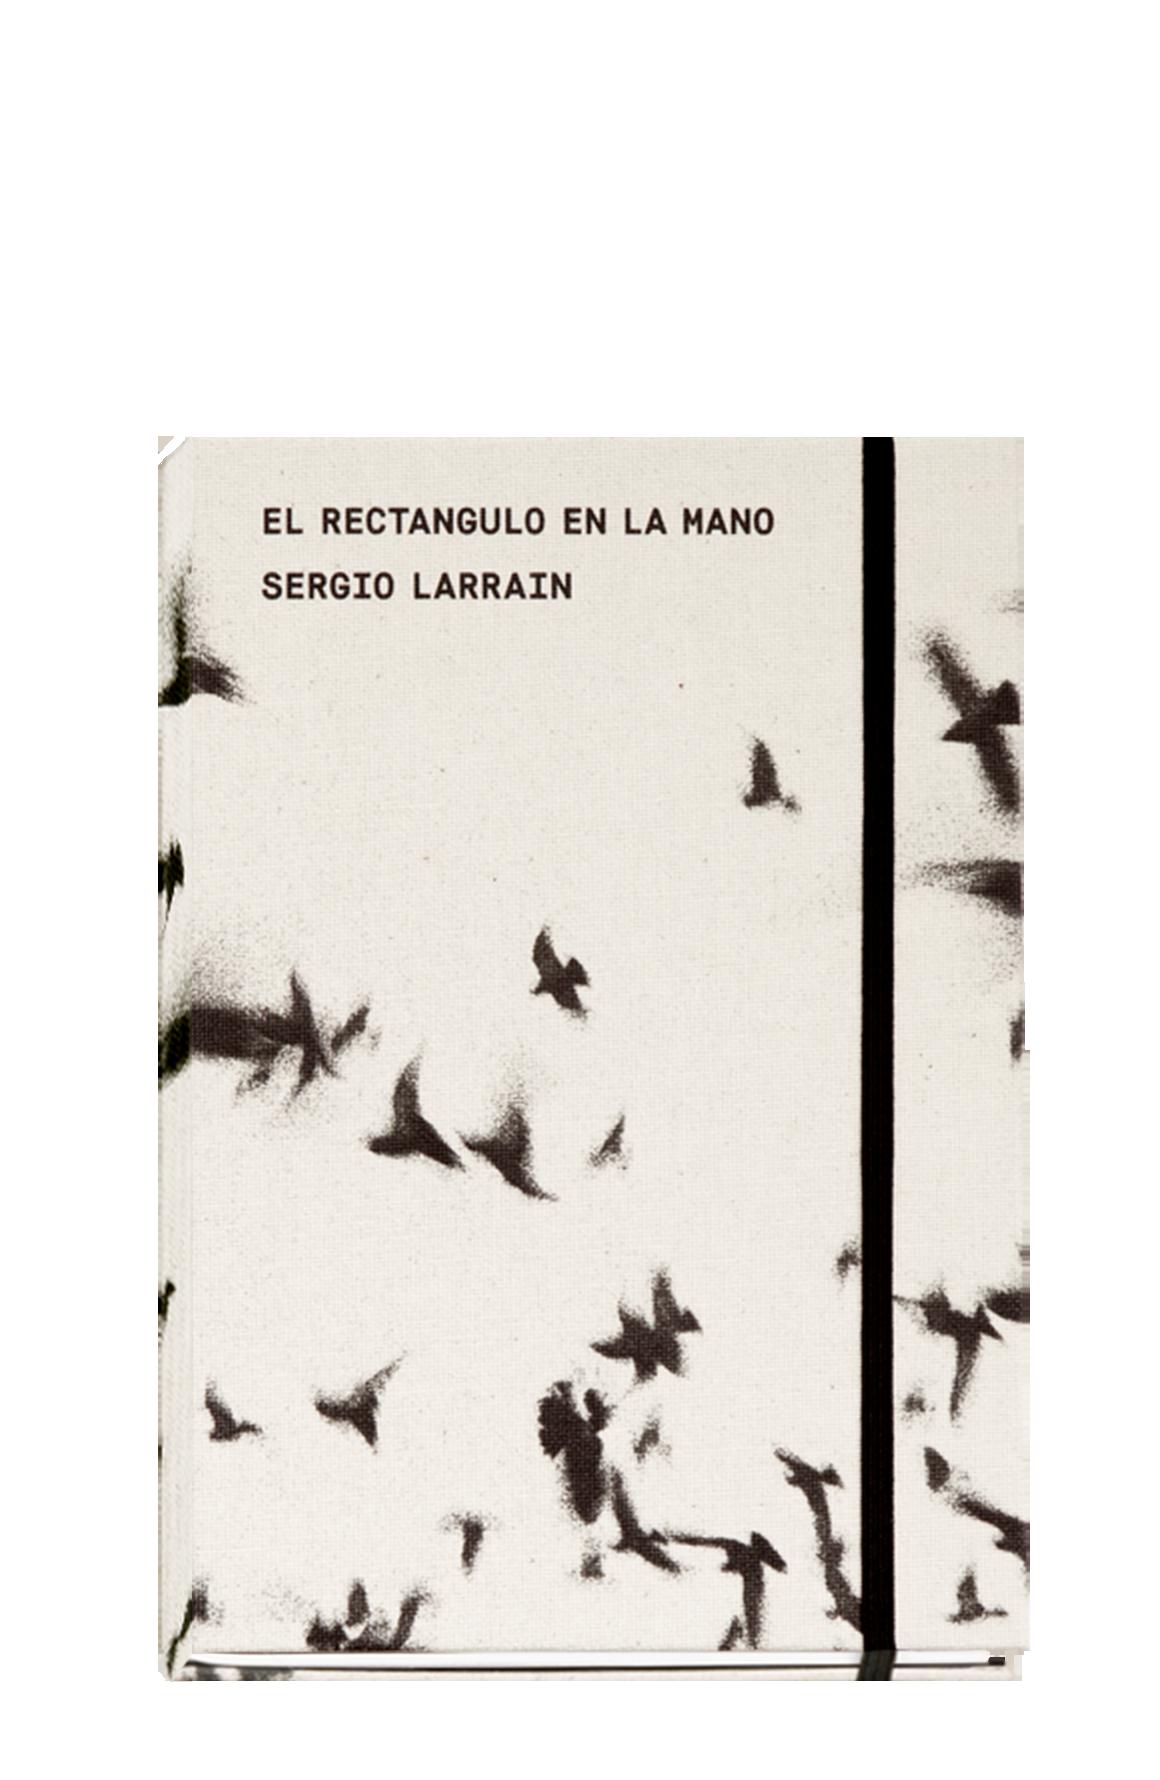 SERGIO LARRAIN_RECTANGULO EN LA MANO_COUV.png